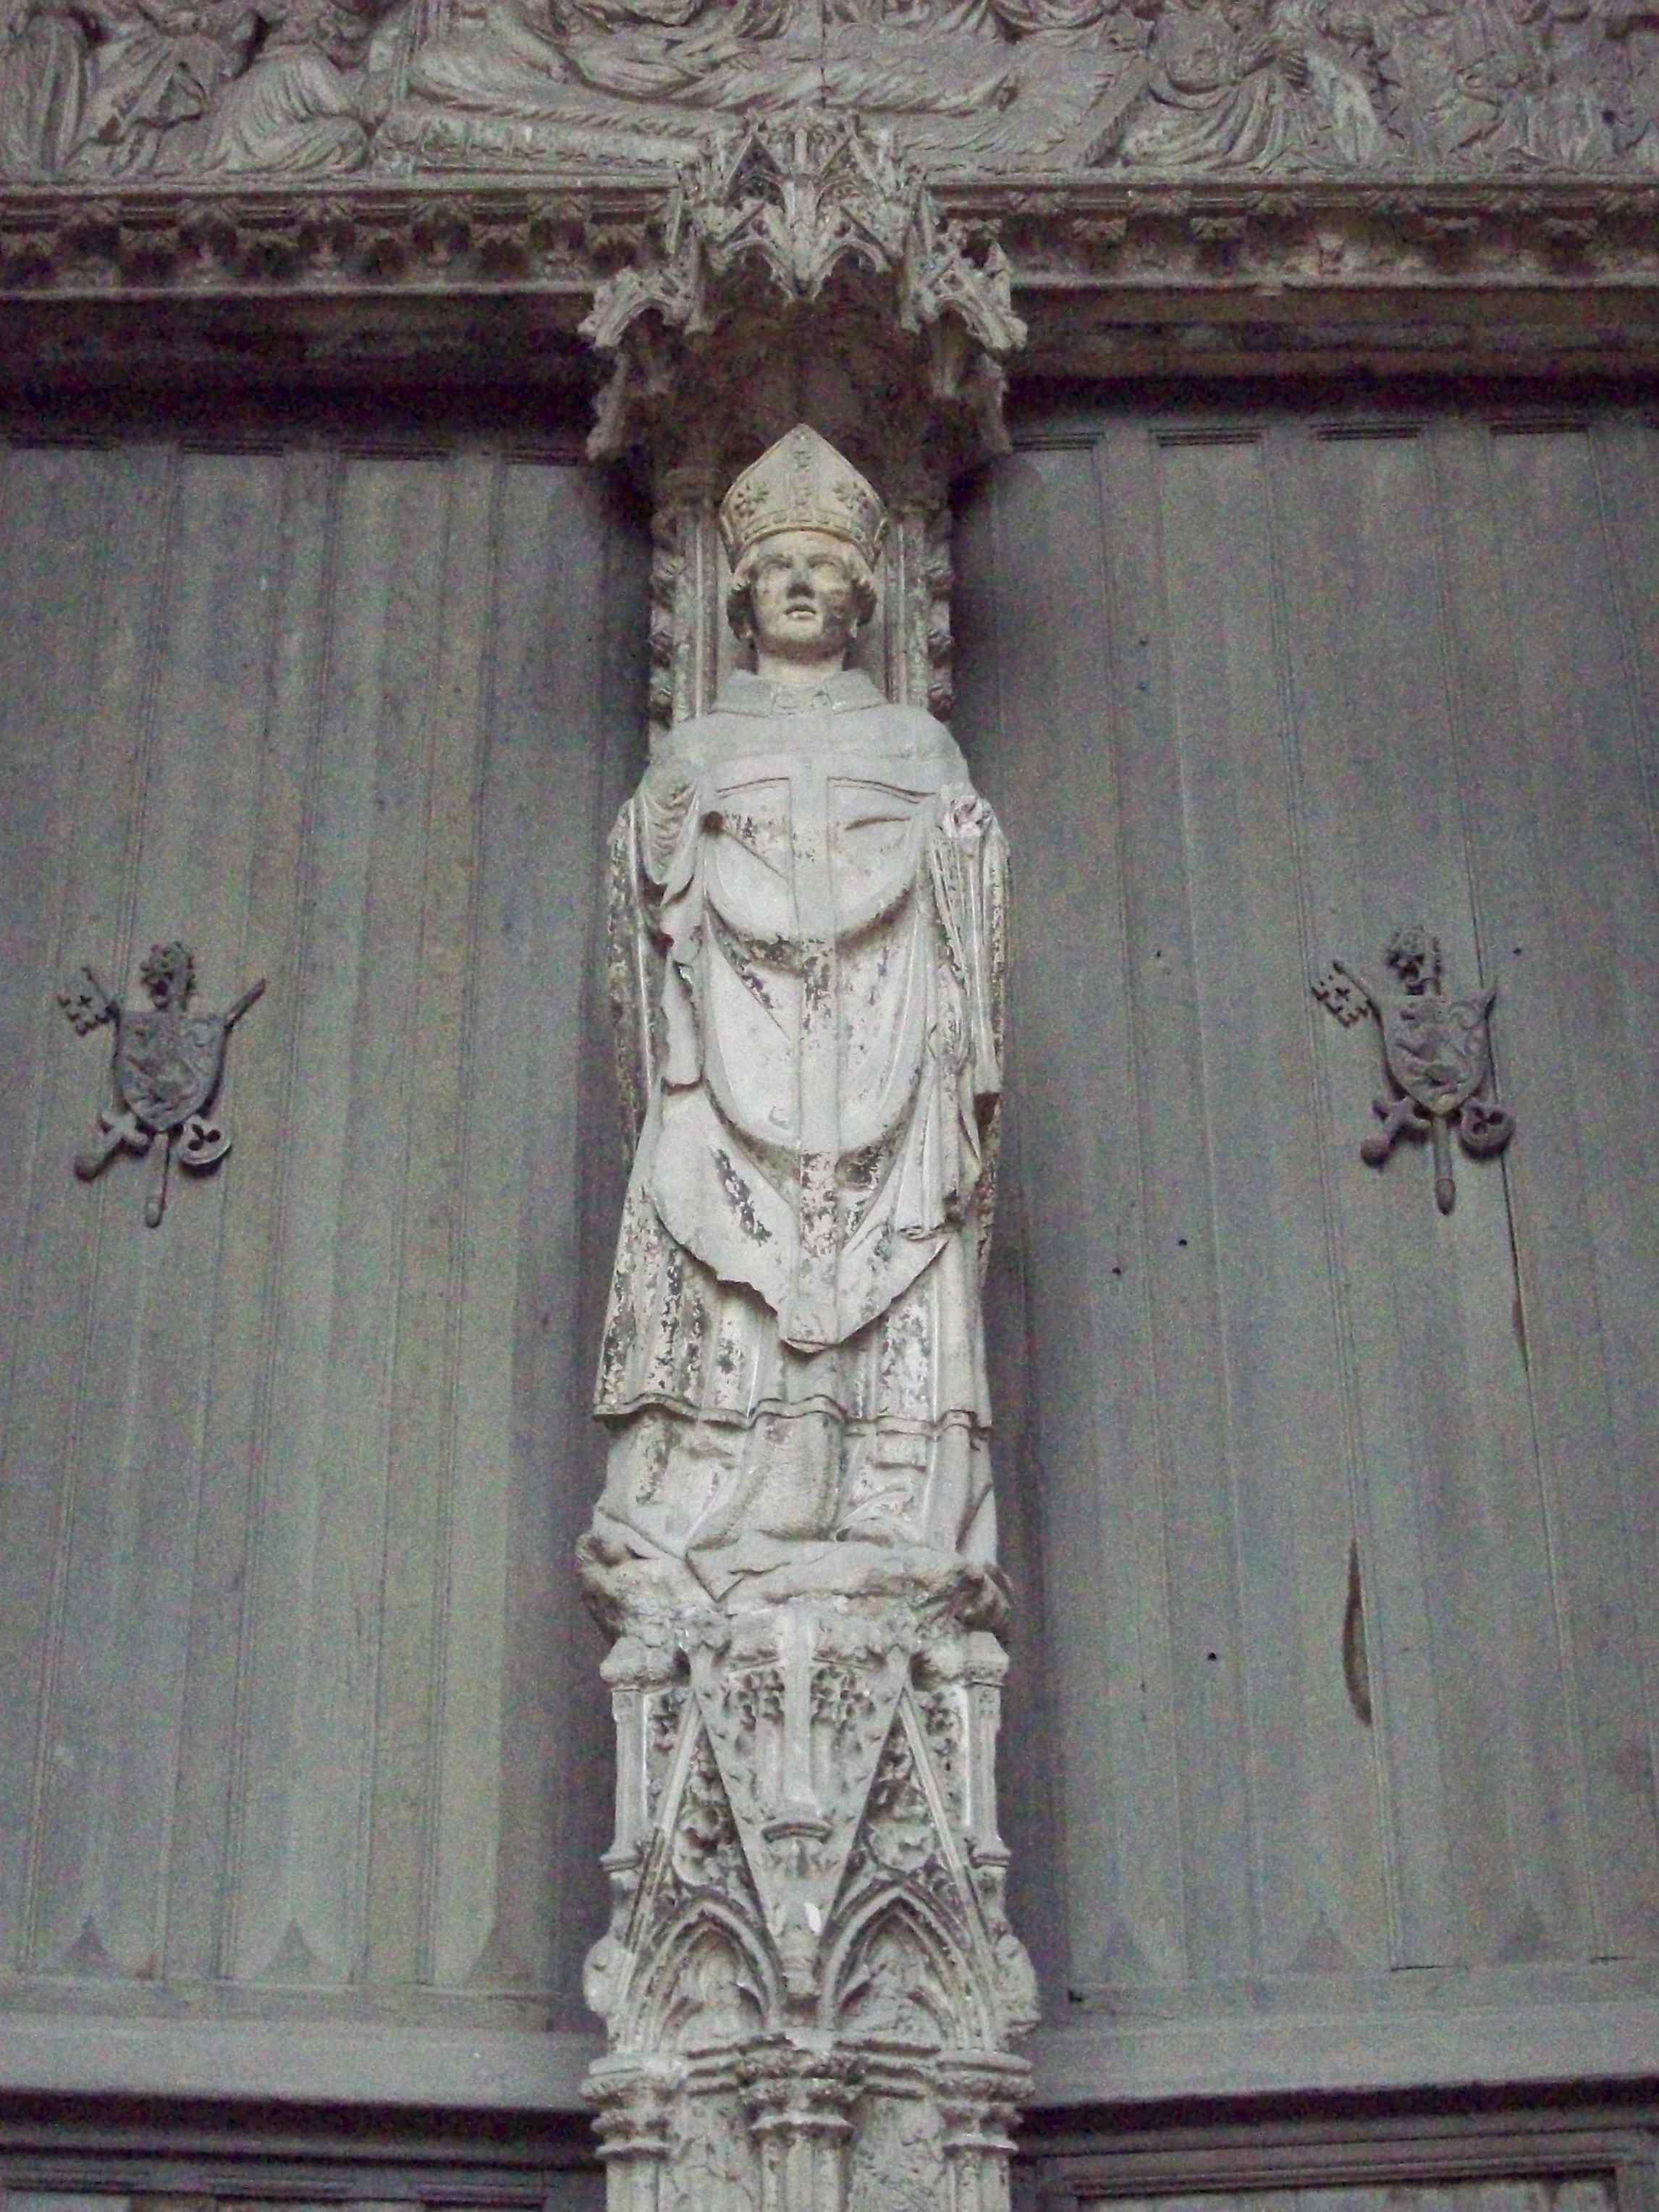 Den hellige Audoenus på Portail des Marmousets i den gamle klosterkirken Saint-Ouen i Rouen